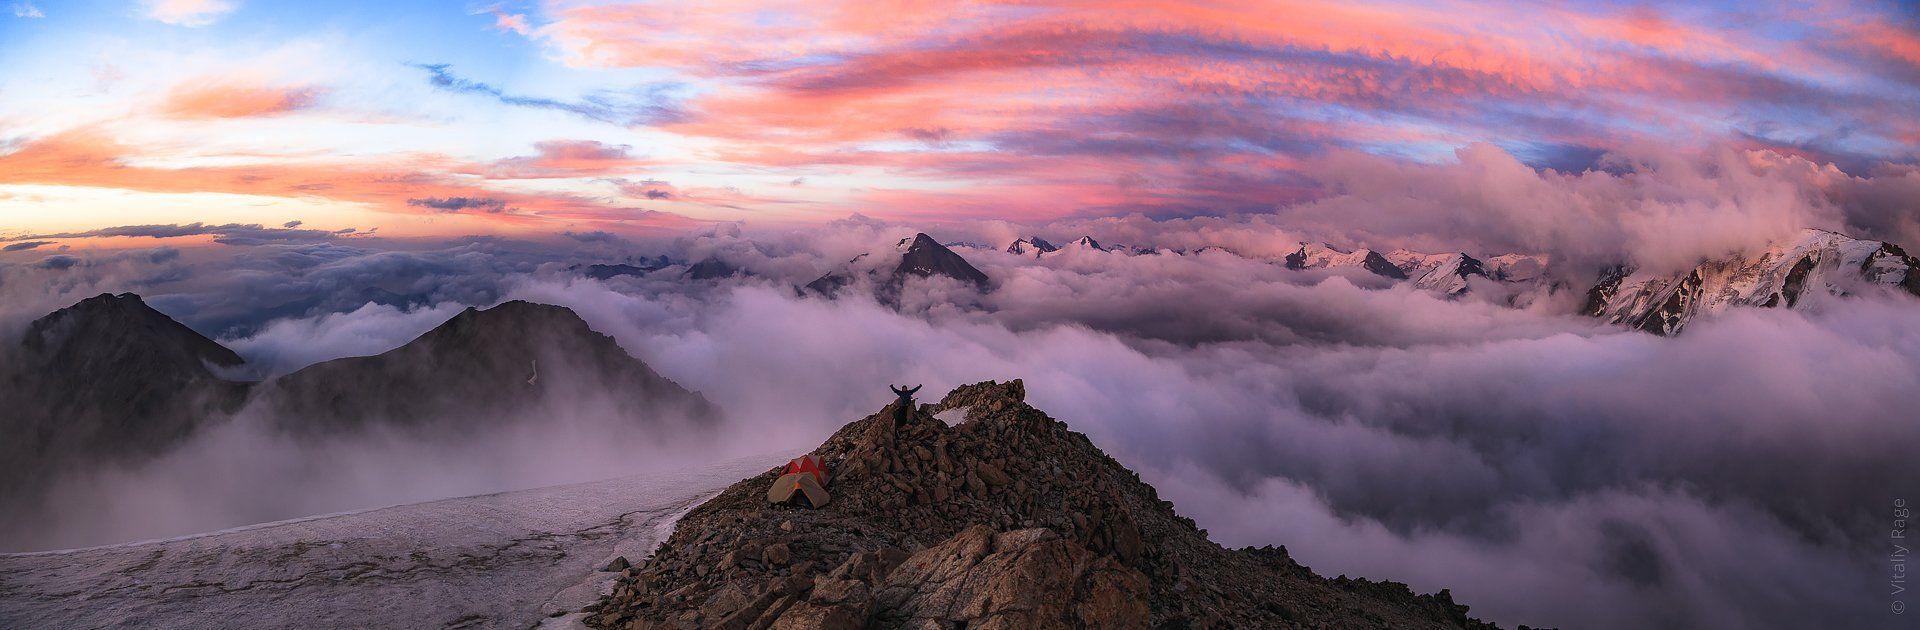 горы, закат, казахстан, алматы, Vitaliy Rage